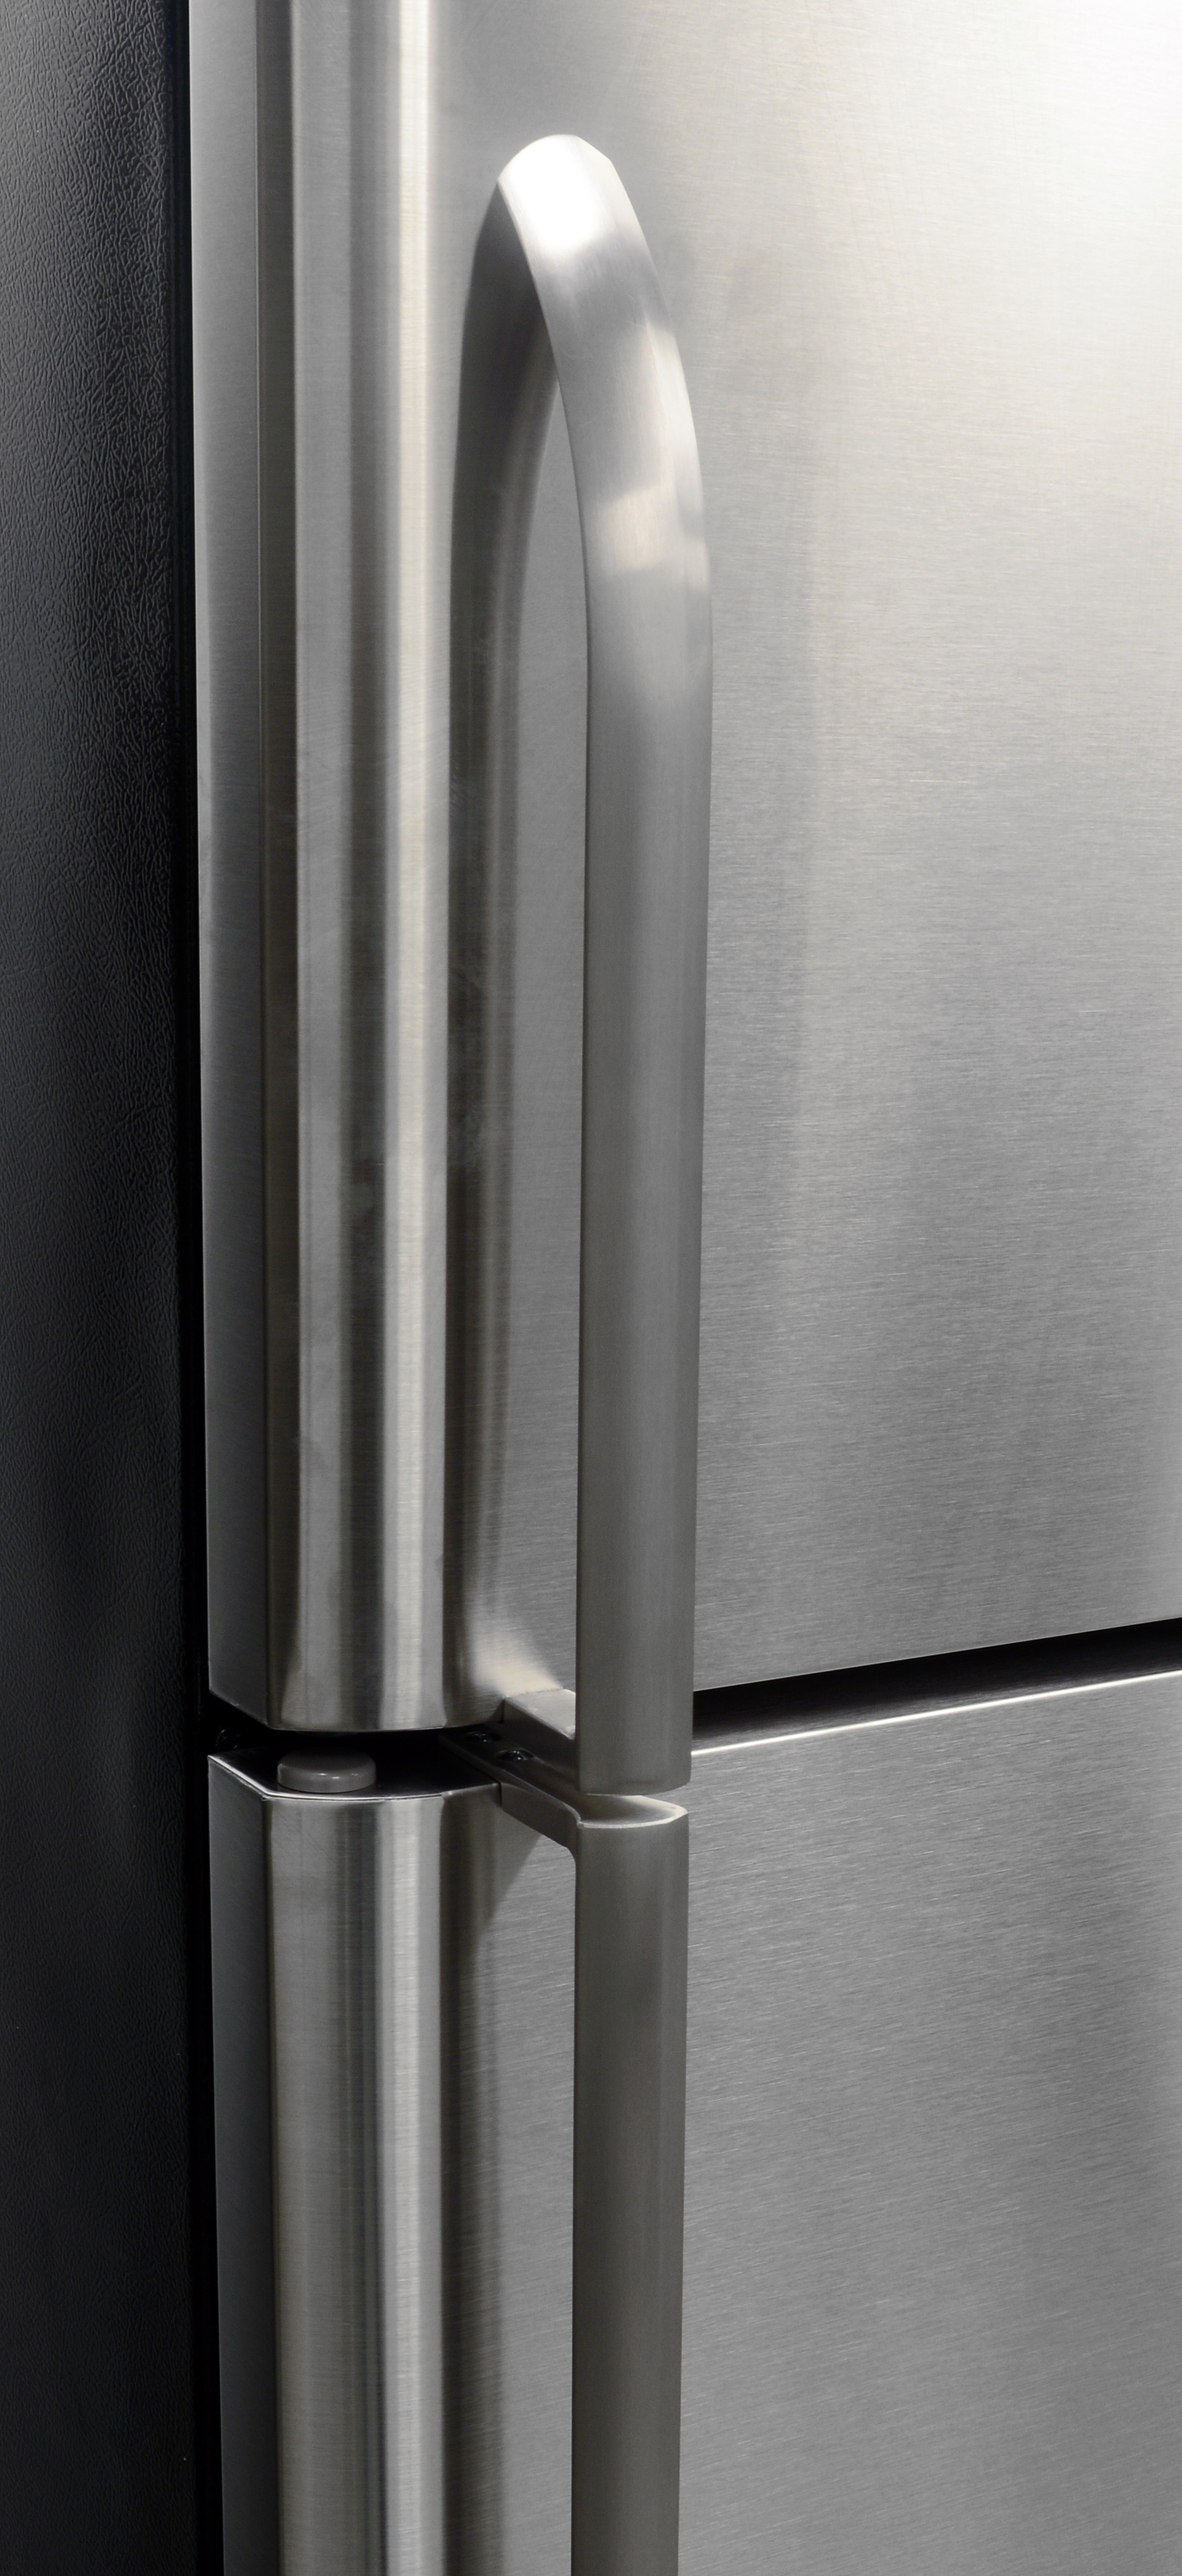 Fantastic Frigidaire FFTR1821QS Refrigerator Review - Reviewed.com Refrigerators FD11